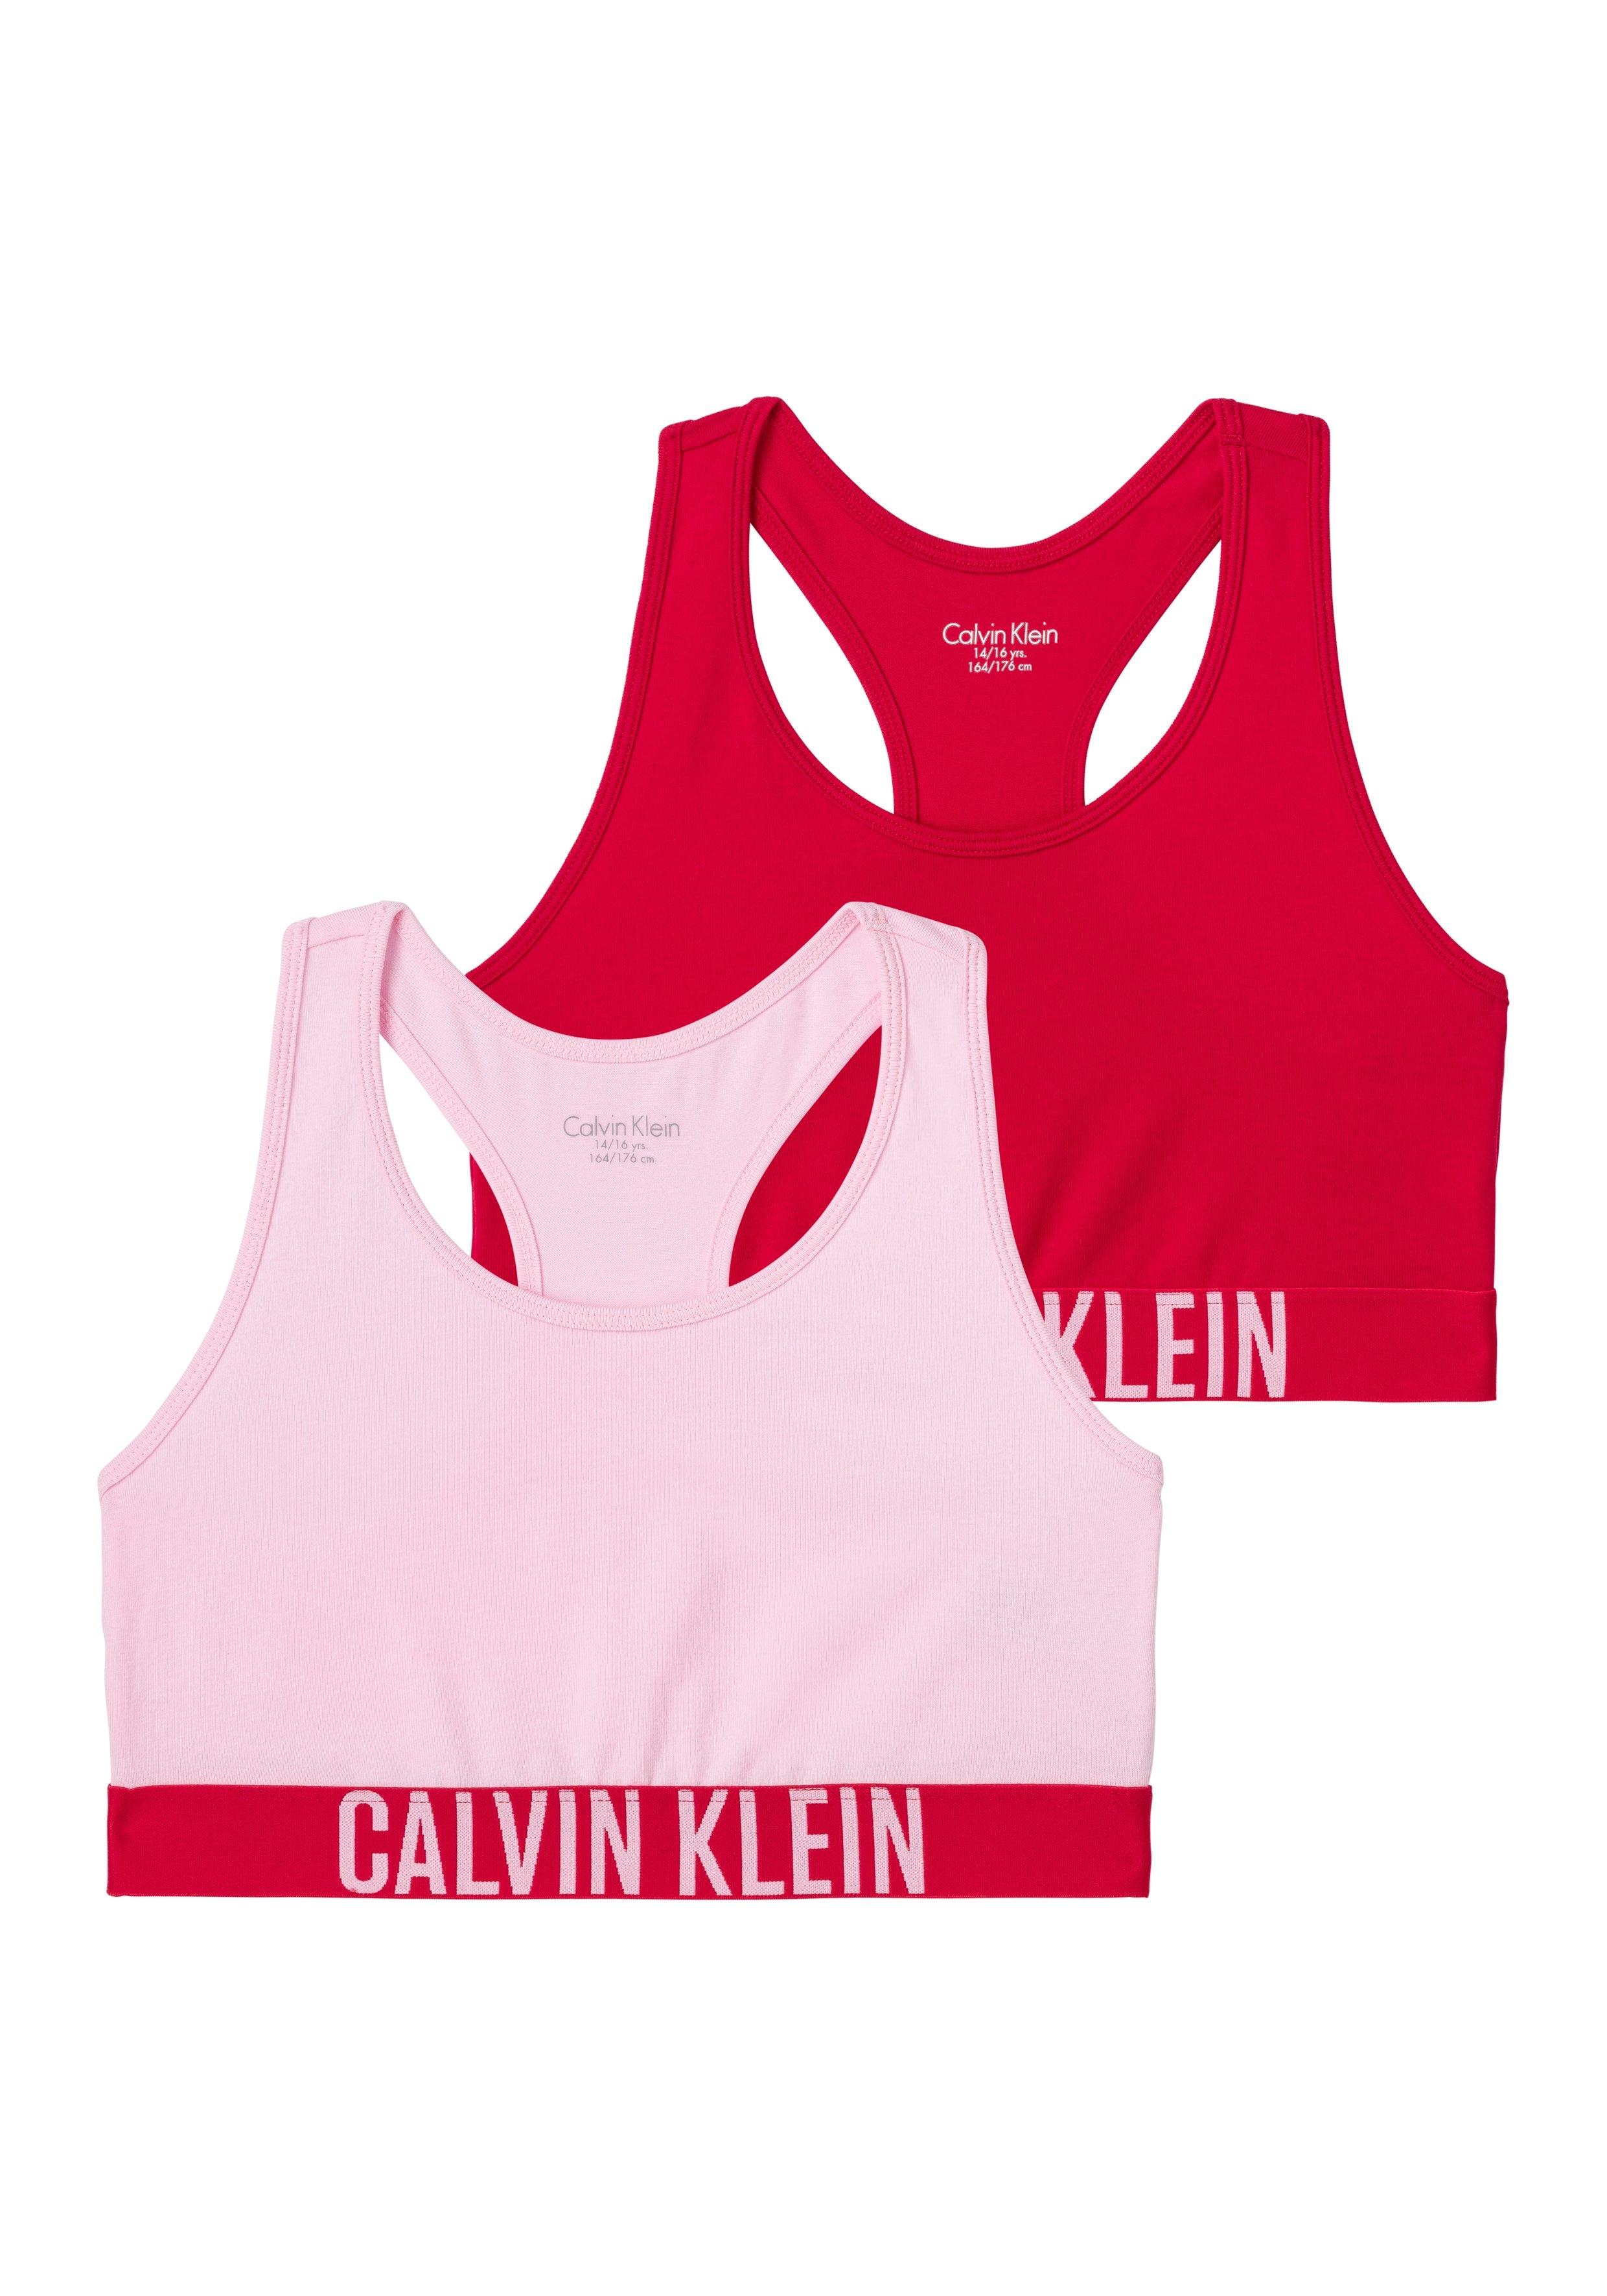 Calvin Klein bustier Meisje met logo weefband + racerback (Set van 2) voordelig en veilig online kopen